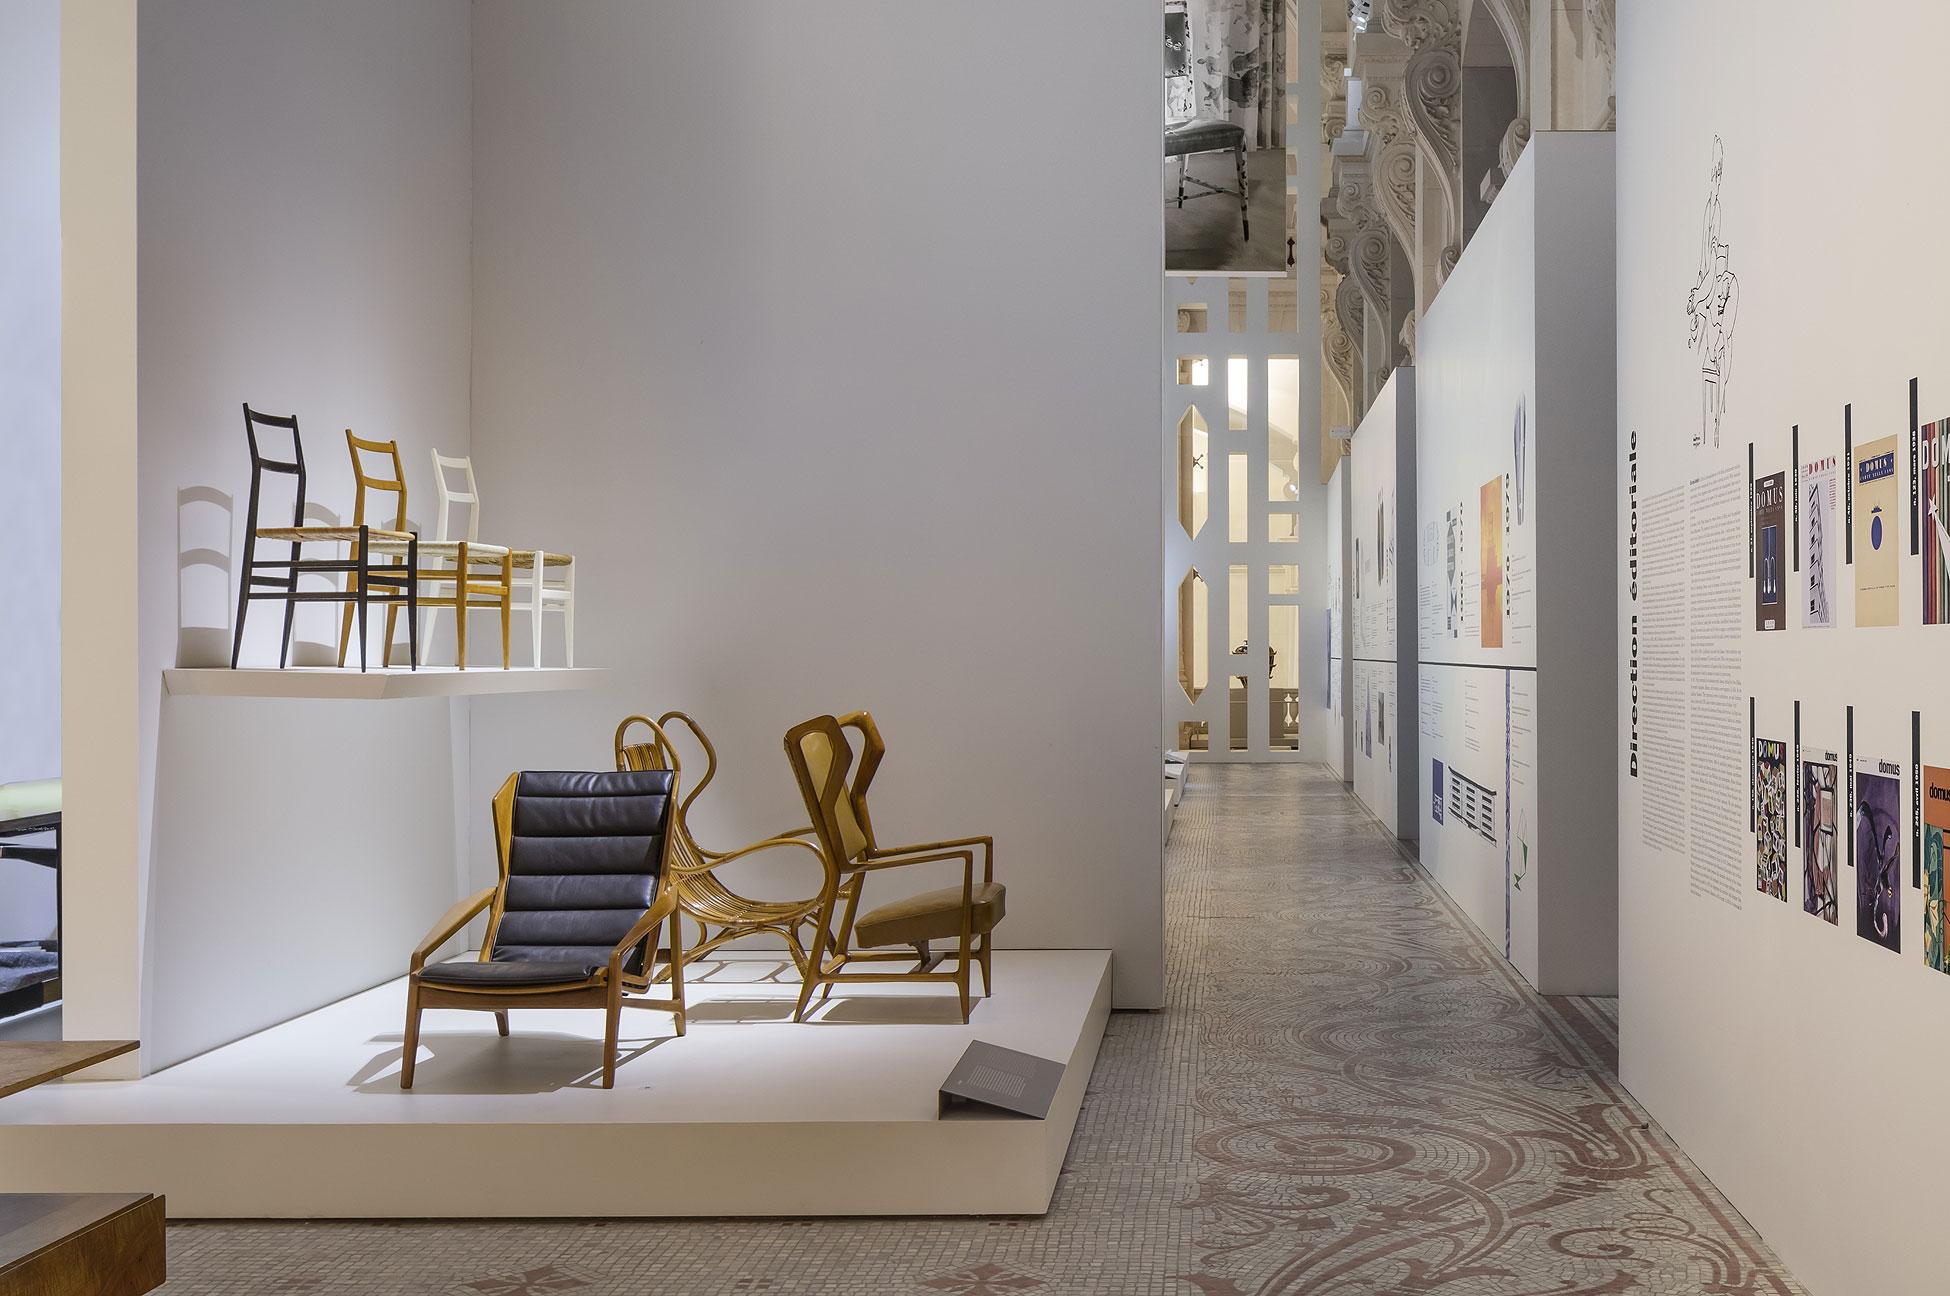 Exposiciones dedicadas a Gio Ponti y Olivari en París